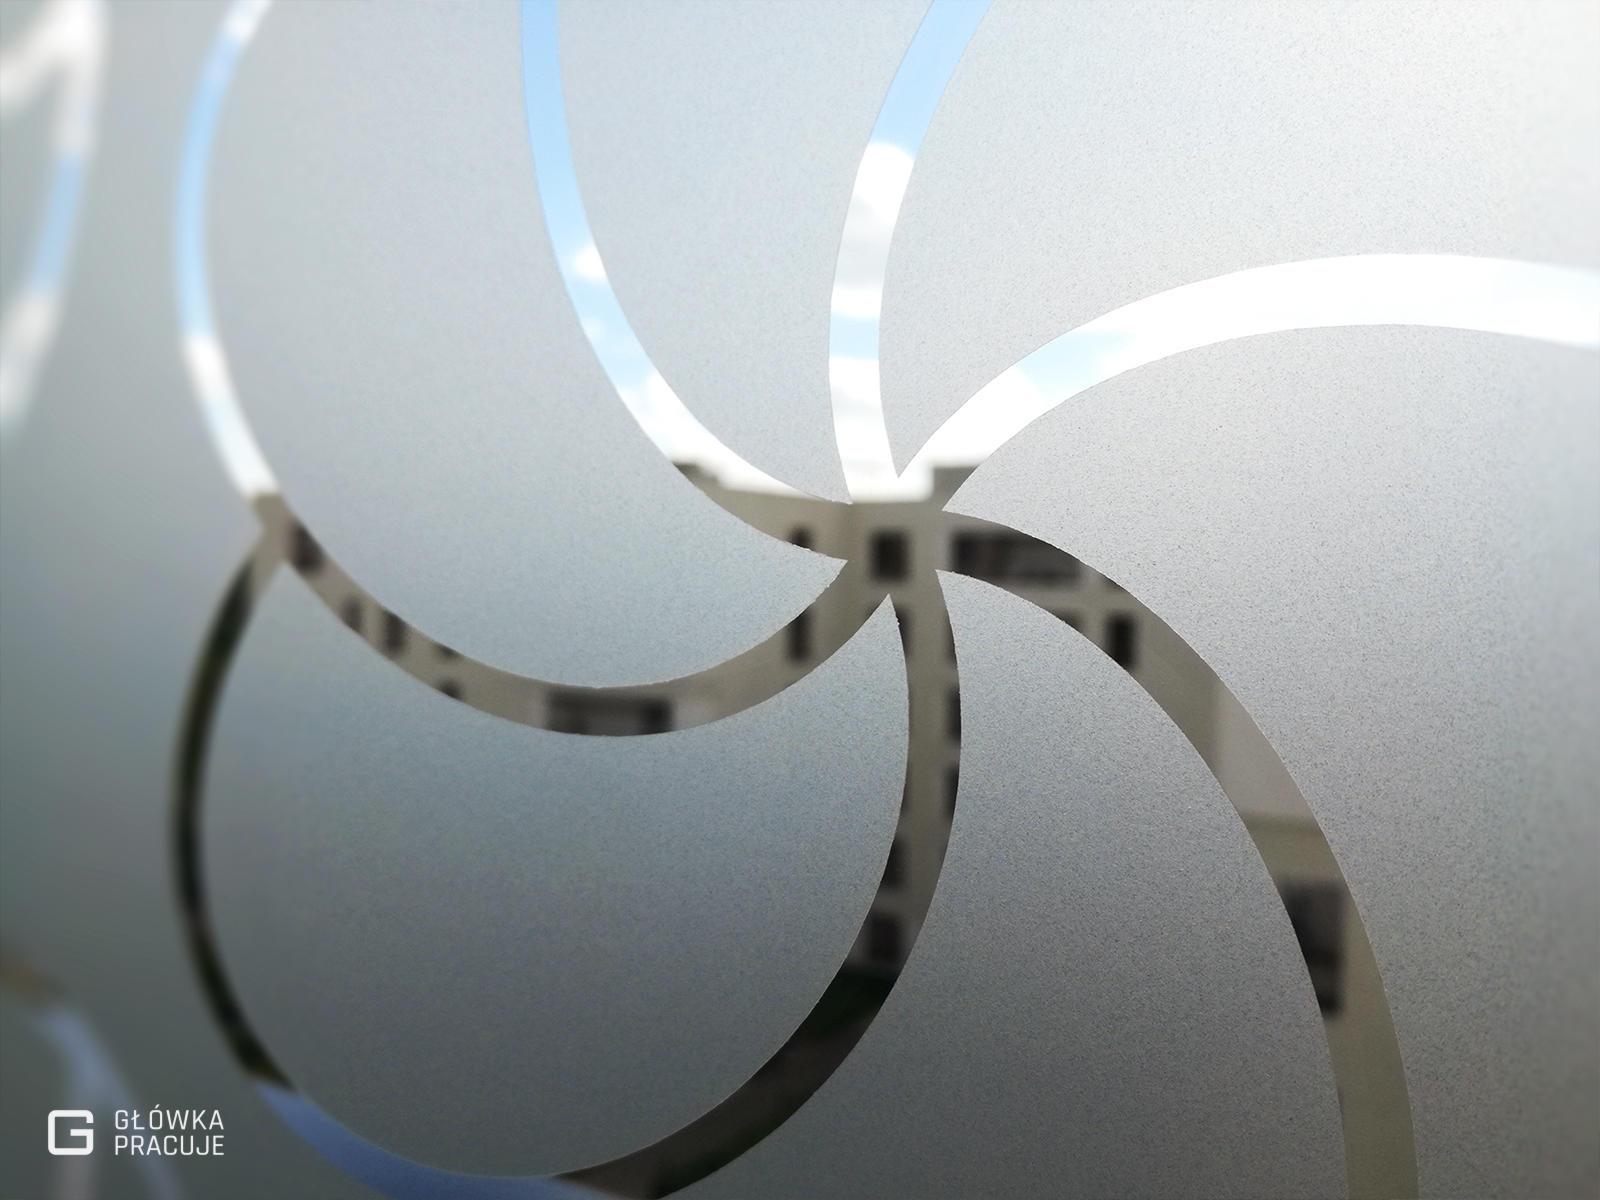 Główka Pracuje - matowa mrożona folia na szyby balkonowe z wyciętym florystycznym patternem - Warszawa